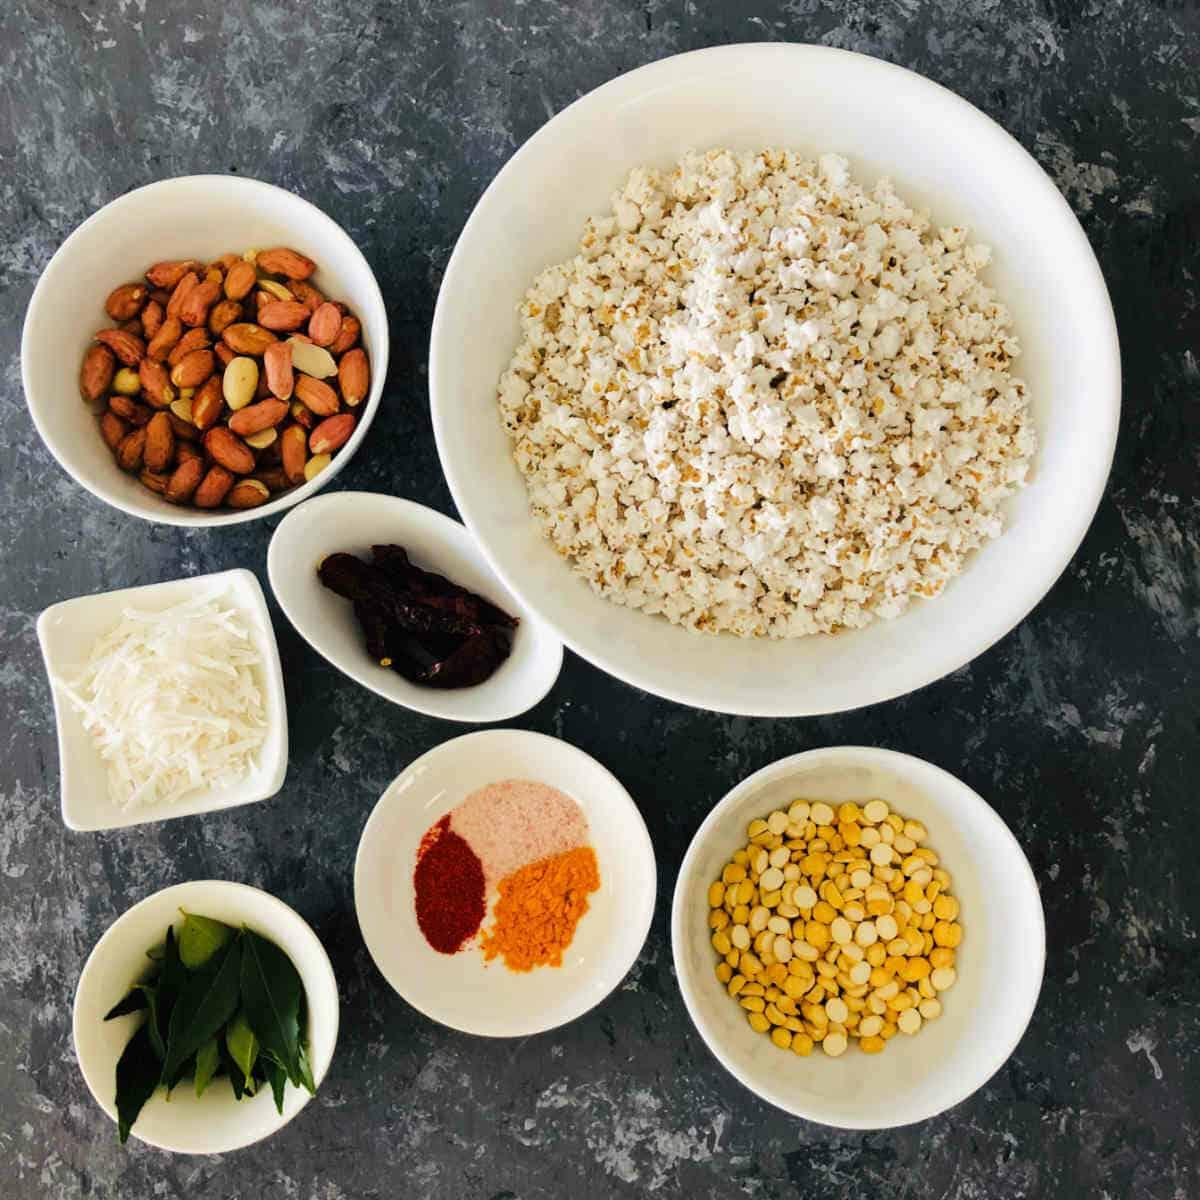 Jowar dhani chivda ingredients